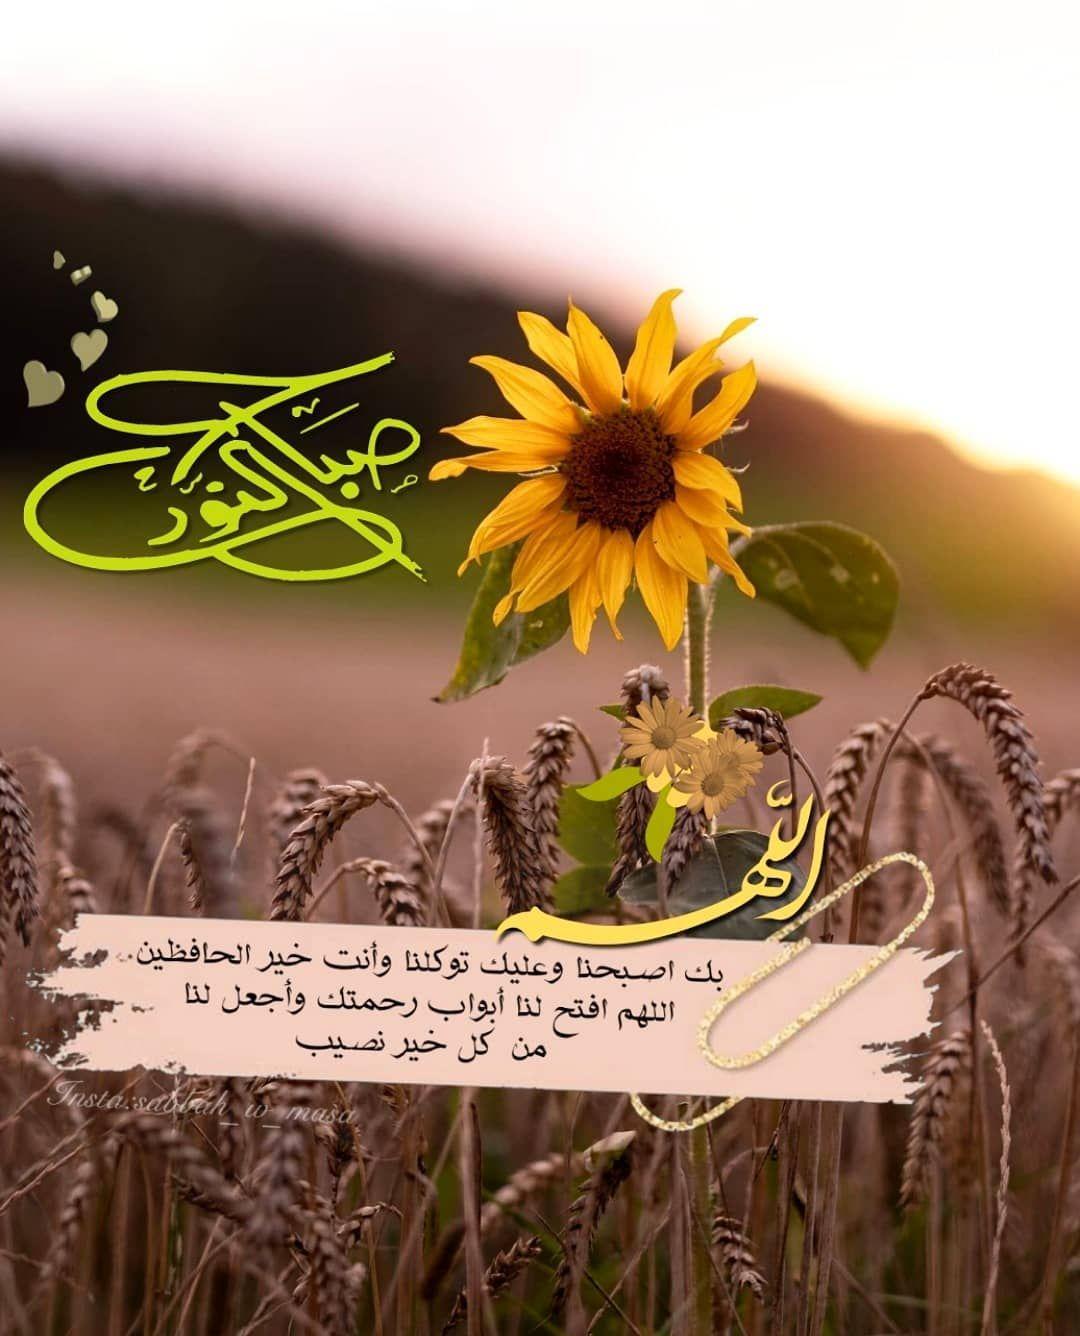 صبح و مساء On Instagram اللهم بك اصبحنا وعليك توكلنا وأنت خير الحافظين اللهم Morning Greeting Beautiful Quran Quotes Islamic Quotes Wallpaper